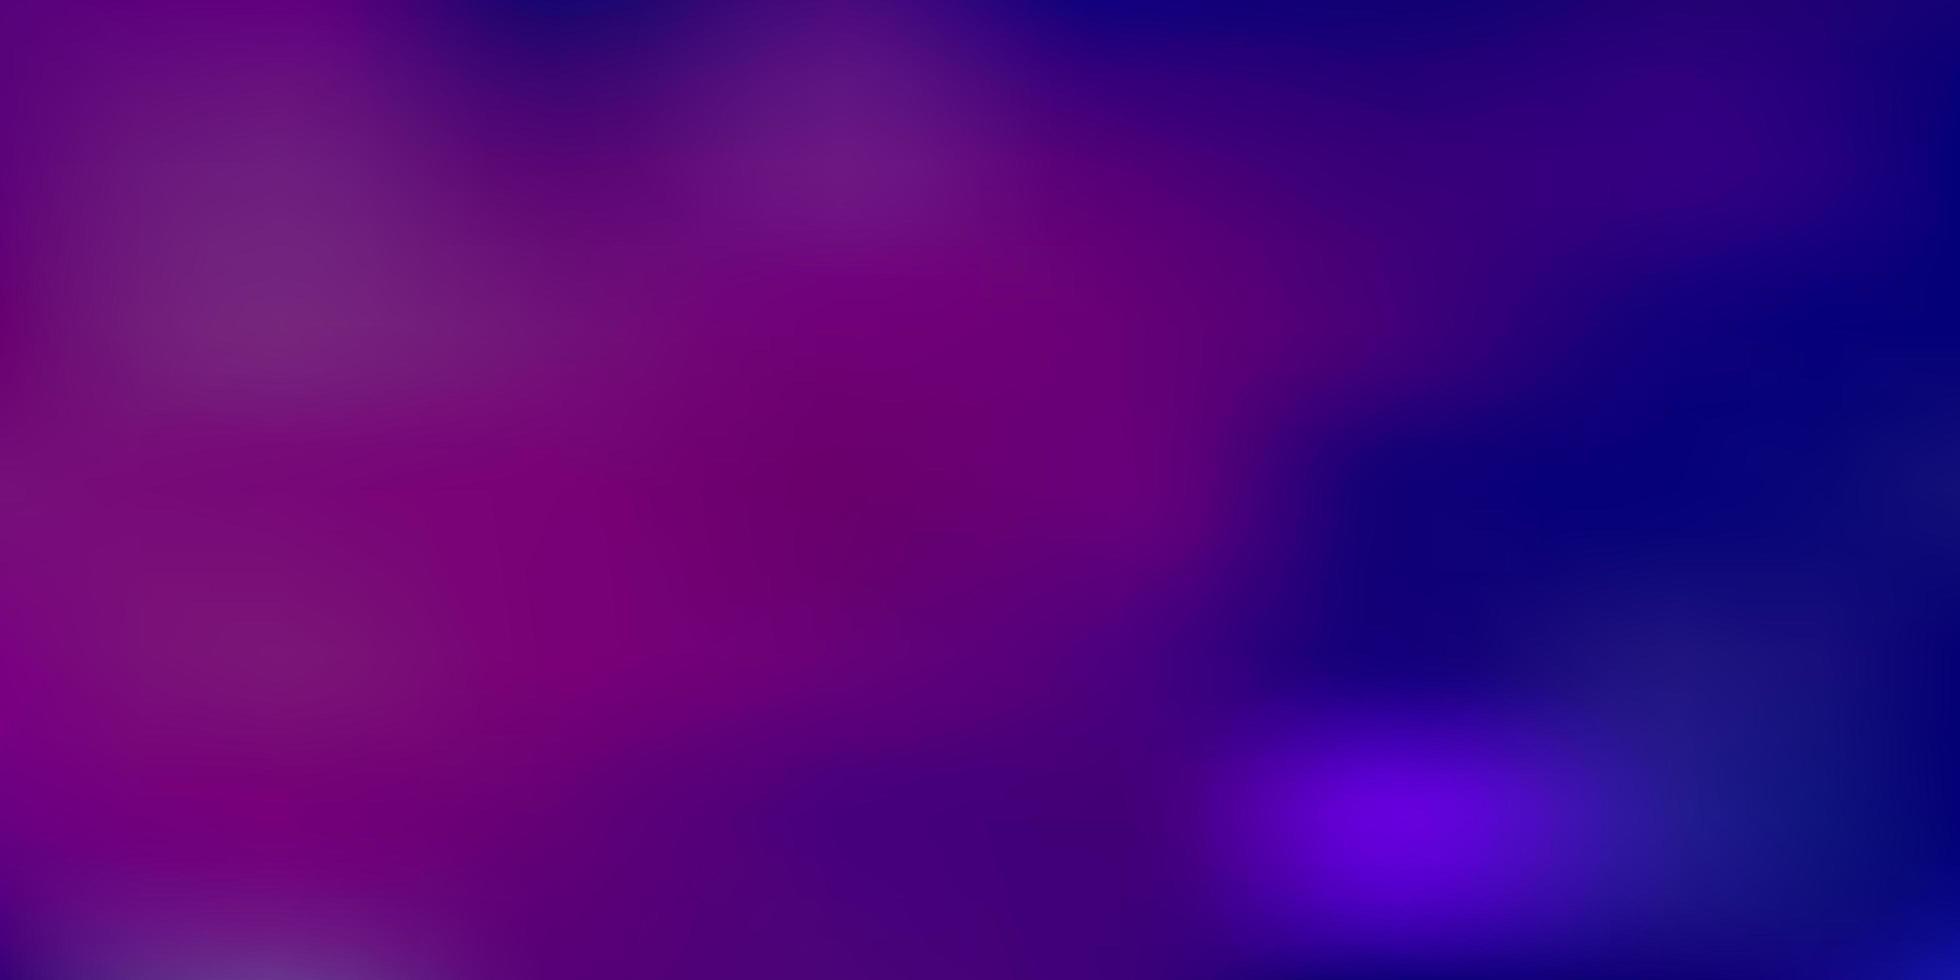 ljusrosa, blå vektor oskärpa bakgrund.